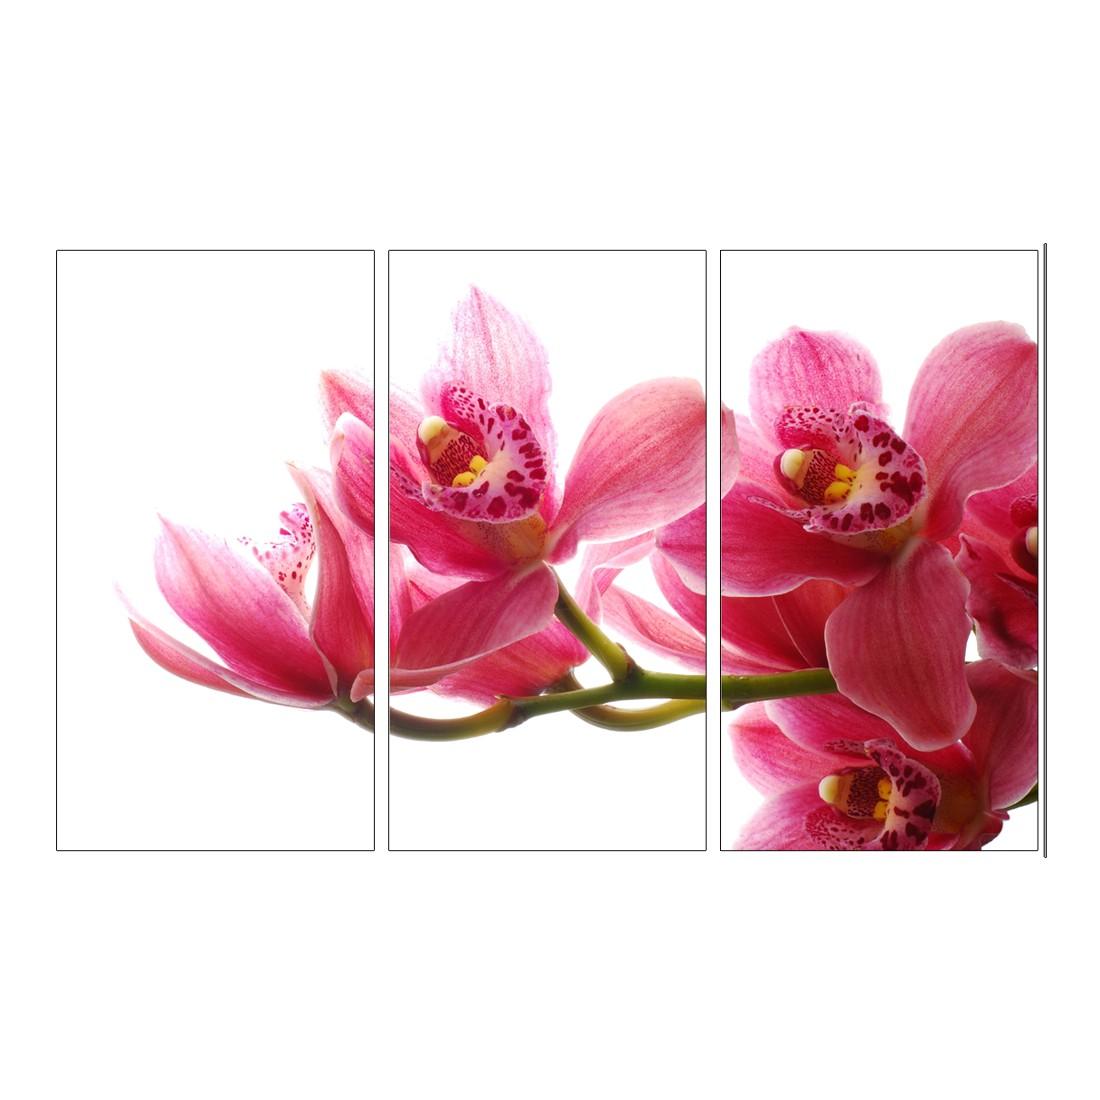 Leinwandbild Orchidee – 120 x 80cm – Abmessung: 120 x 80cm, Gallery of Innovative Art bestellen